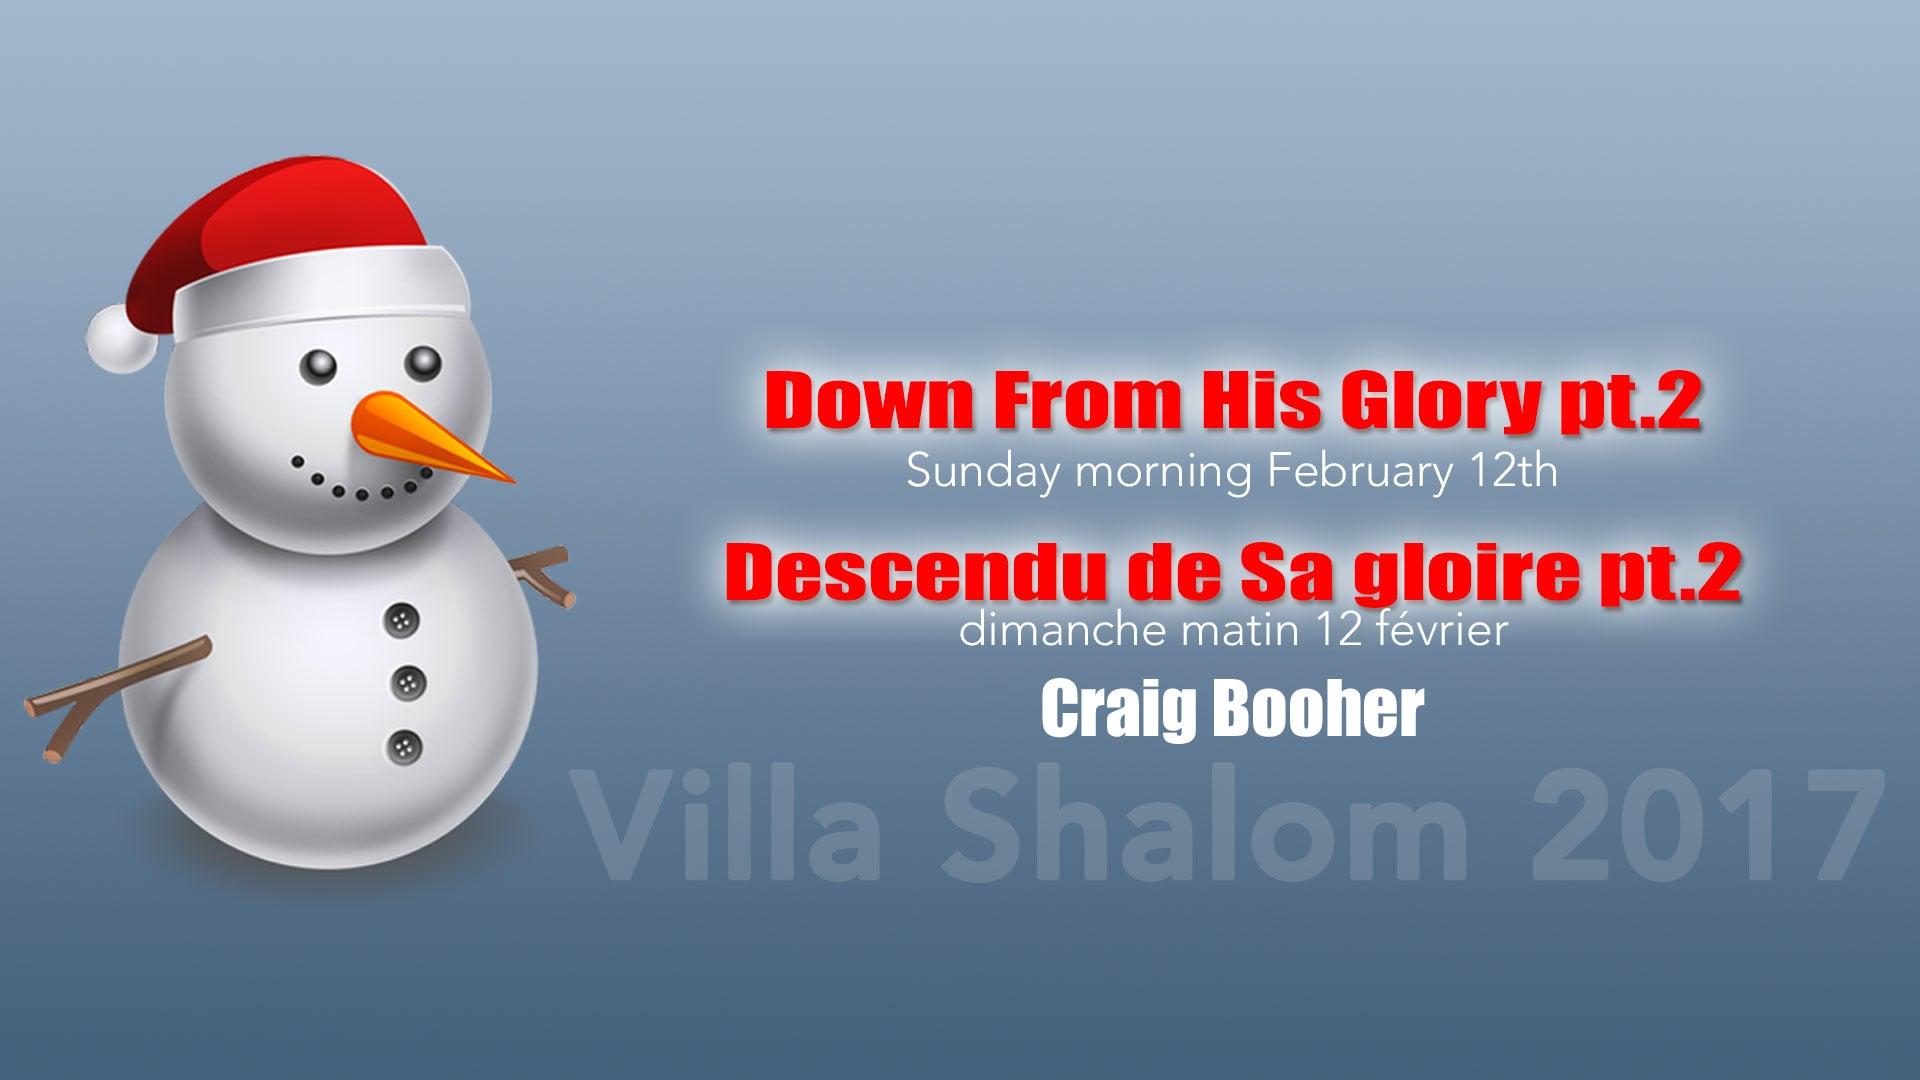 2017-02-12 - Descendu de Sa gloire pt2   Down From His Glory pt.2